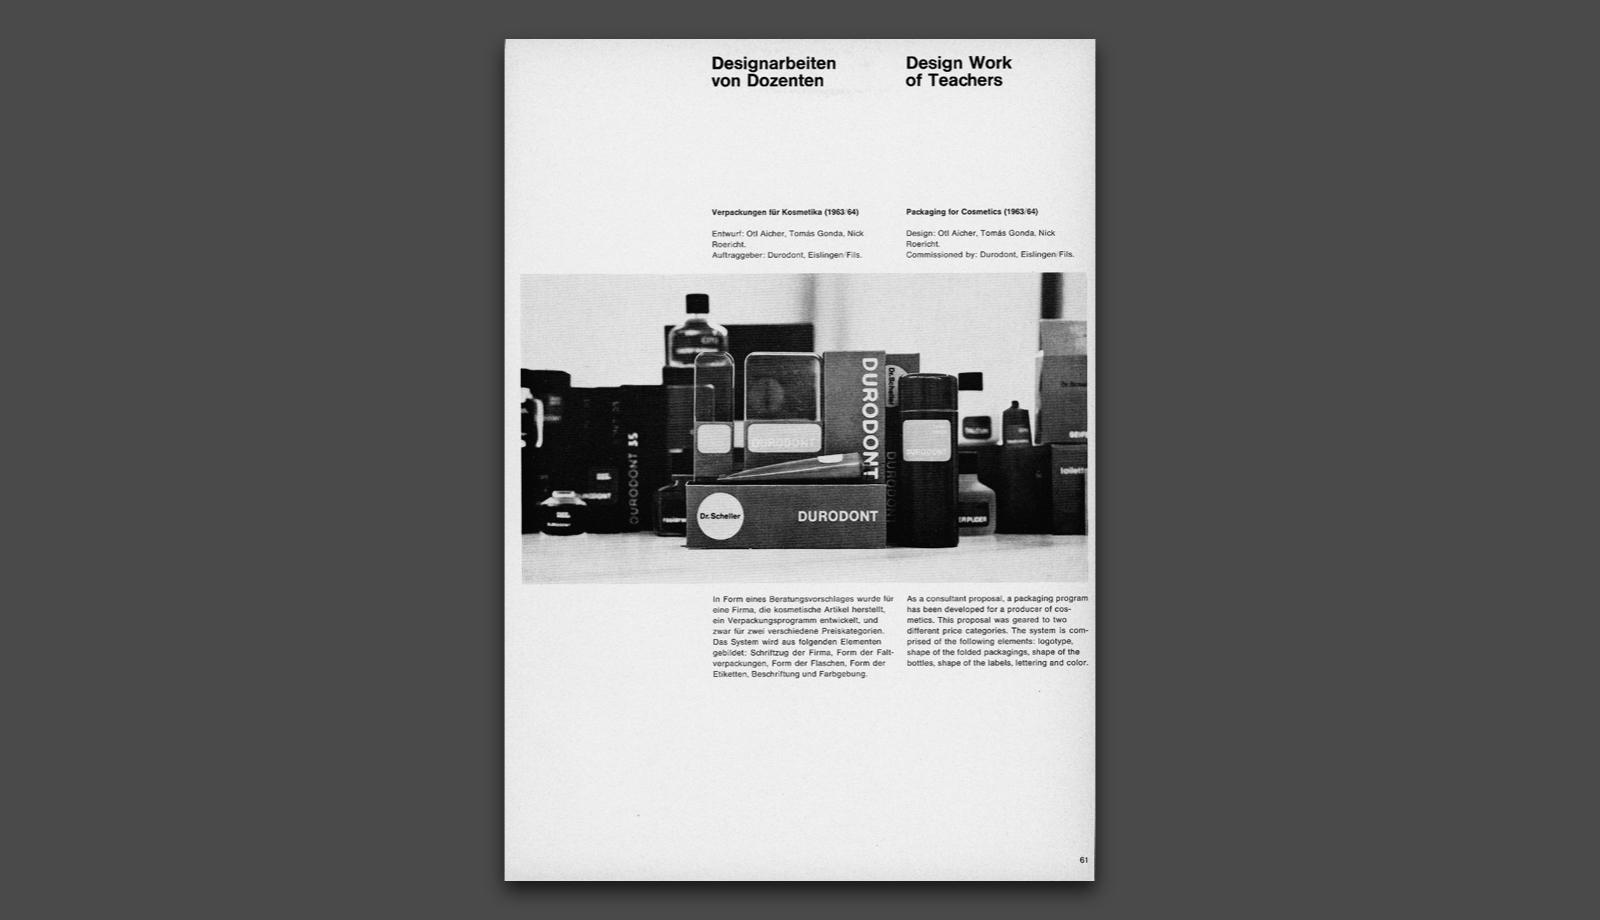 190503_Designtheorie_ReneSpitz_Revision der Ulmer Designtheorien